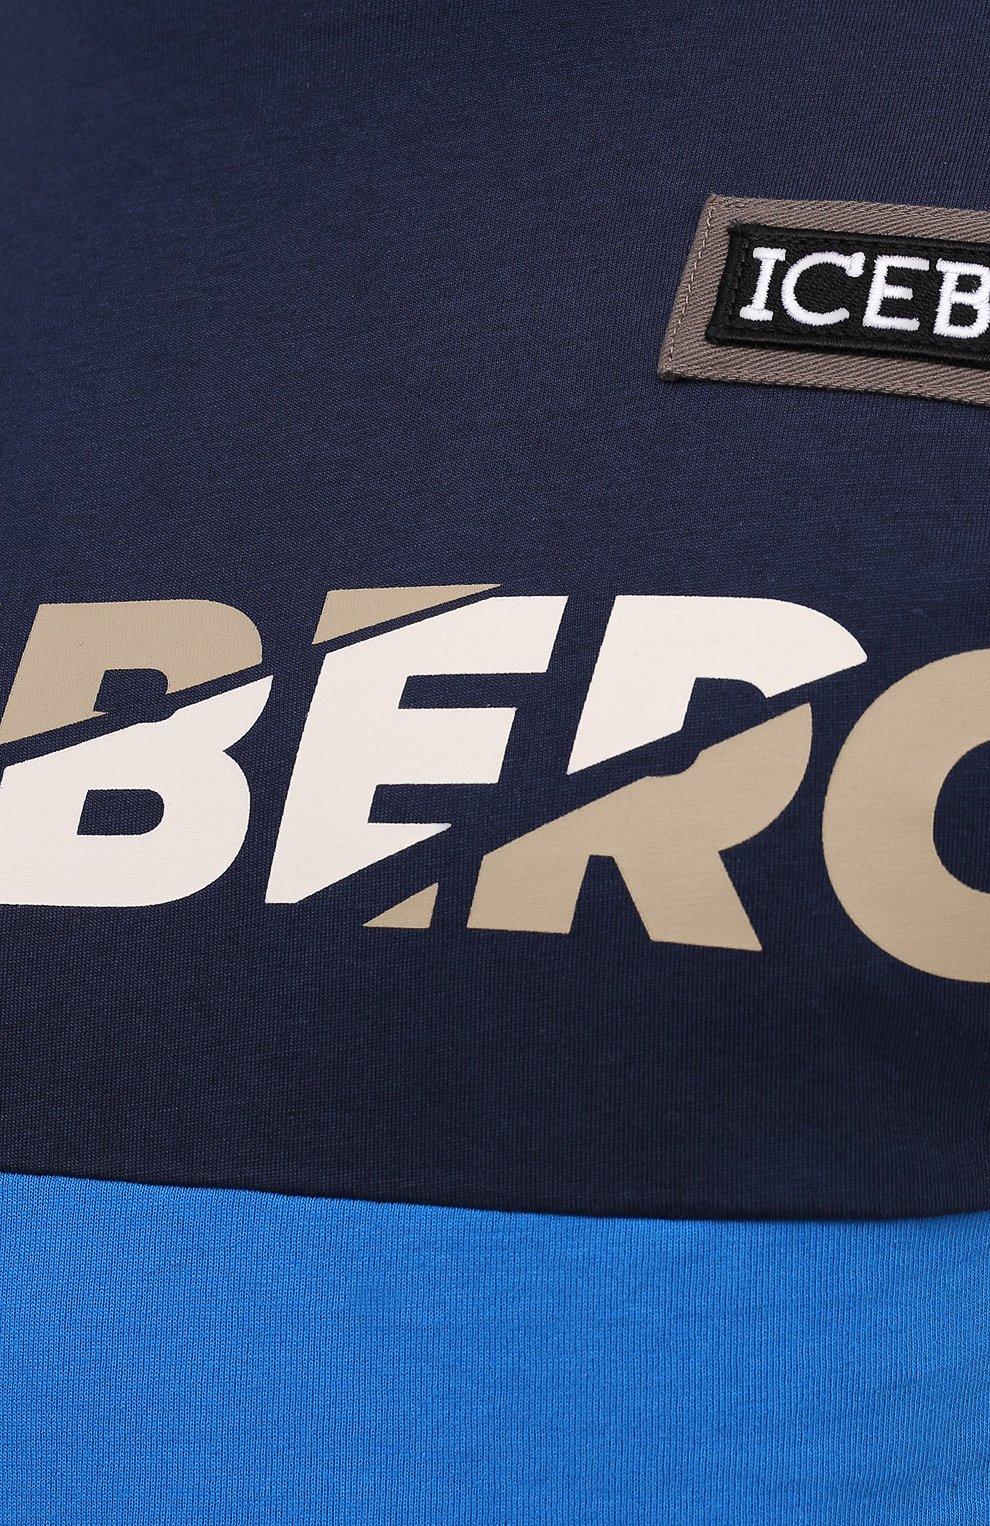 Мужская хлопковая футболка ICEBERG синего цвета, арт. 21E I1P0/F012/6301   Фото 5 (Рукава: Короткие; Длина (для топов): Стандартные; Принт: С принтом; Материал внешний: Хлопок; Стили: Кэжуэл)